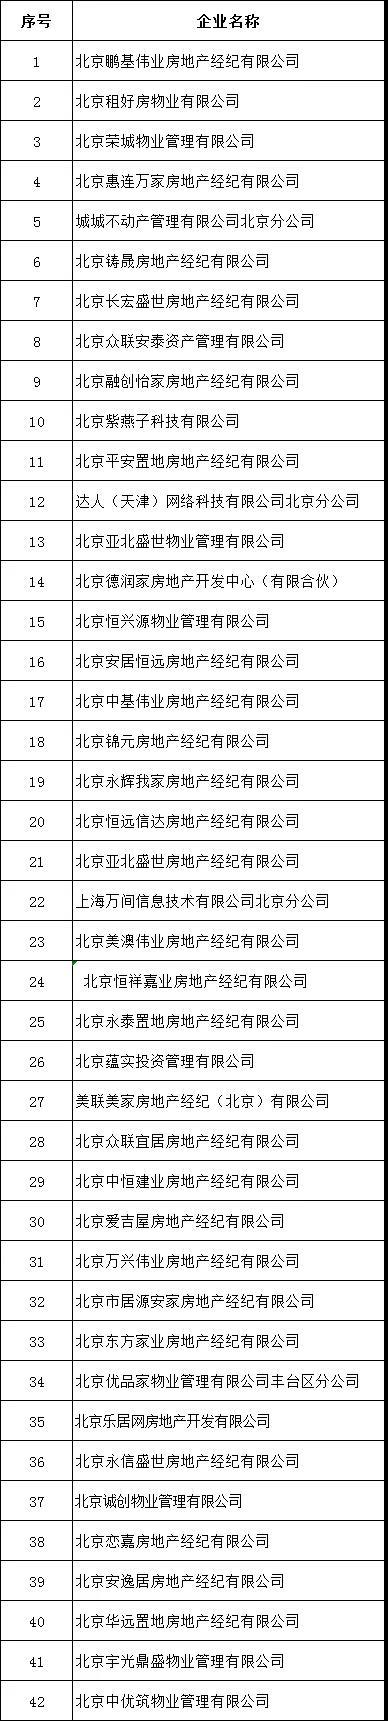 北京发布第二批租赁行业重点关注企业名单-中国网地产